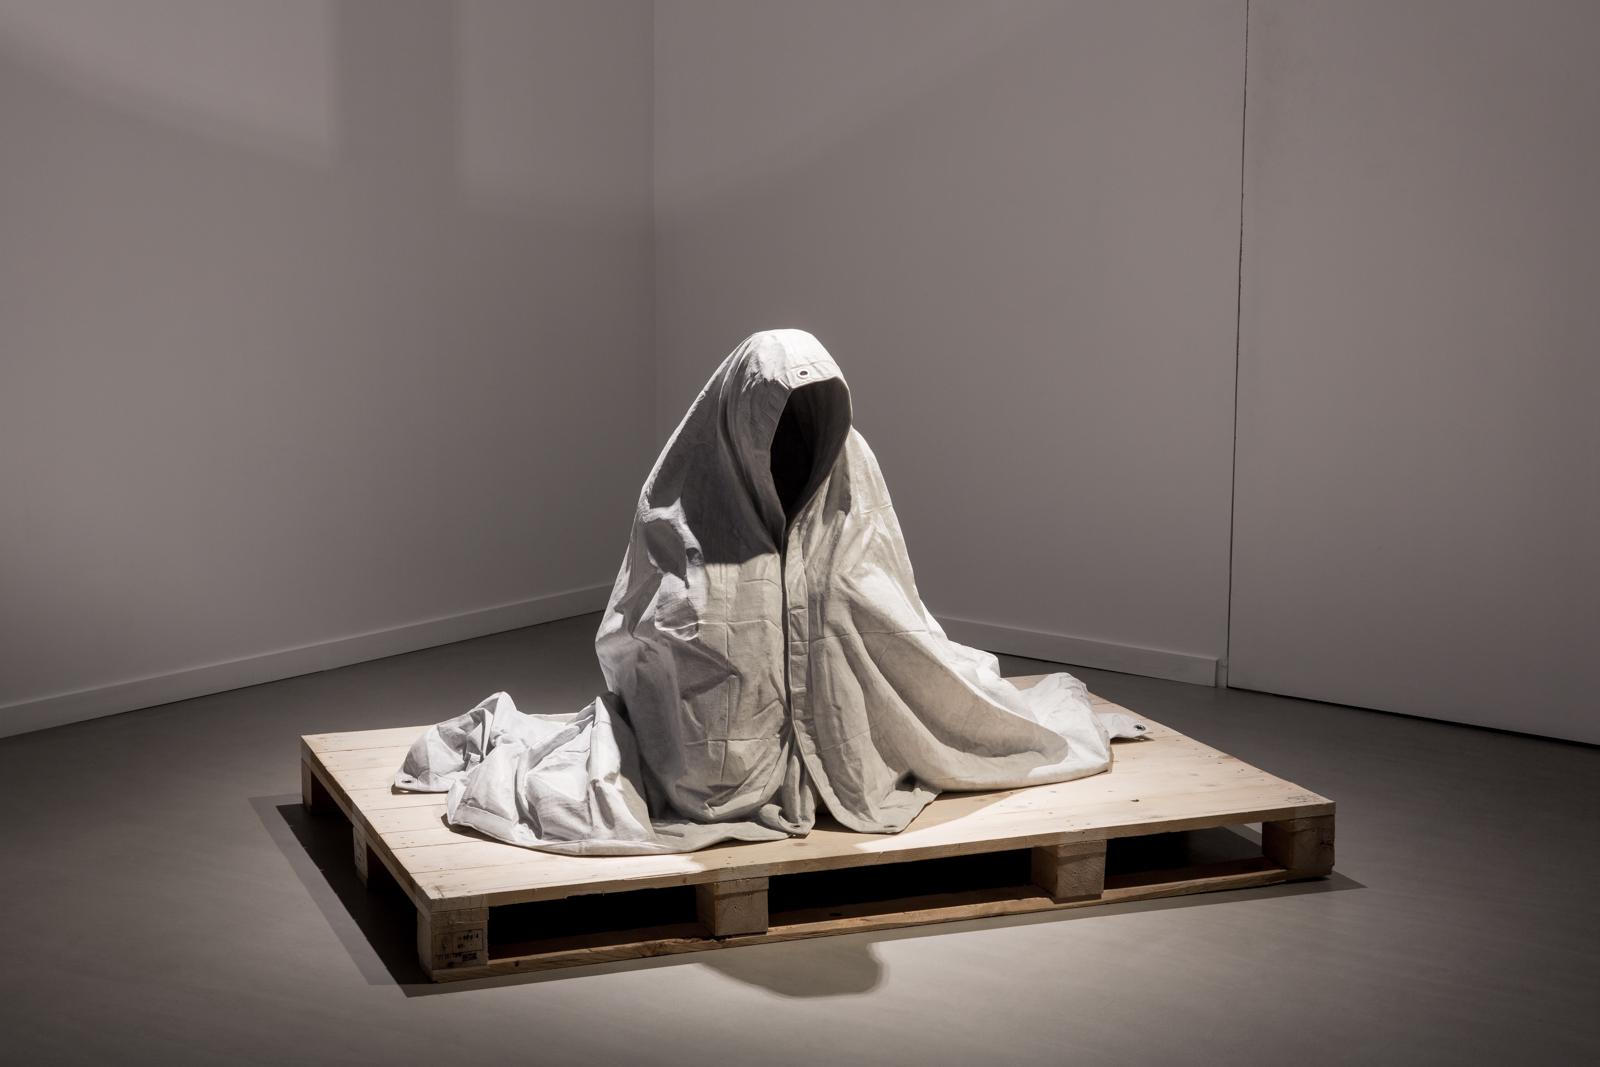 Refuge , 2015.Bianca Carrara, eyelets, pallet.110 x 120 x 170cm.Photography: Frédéric Albert